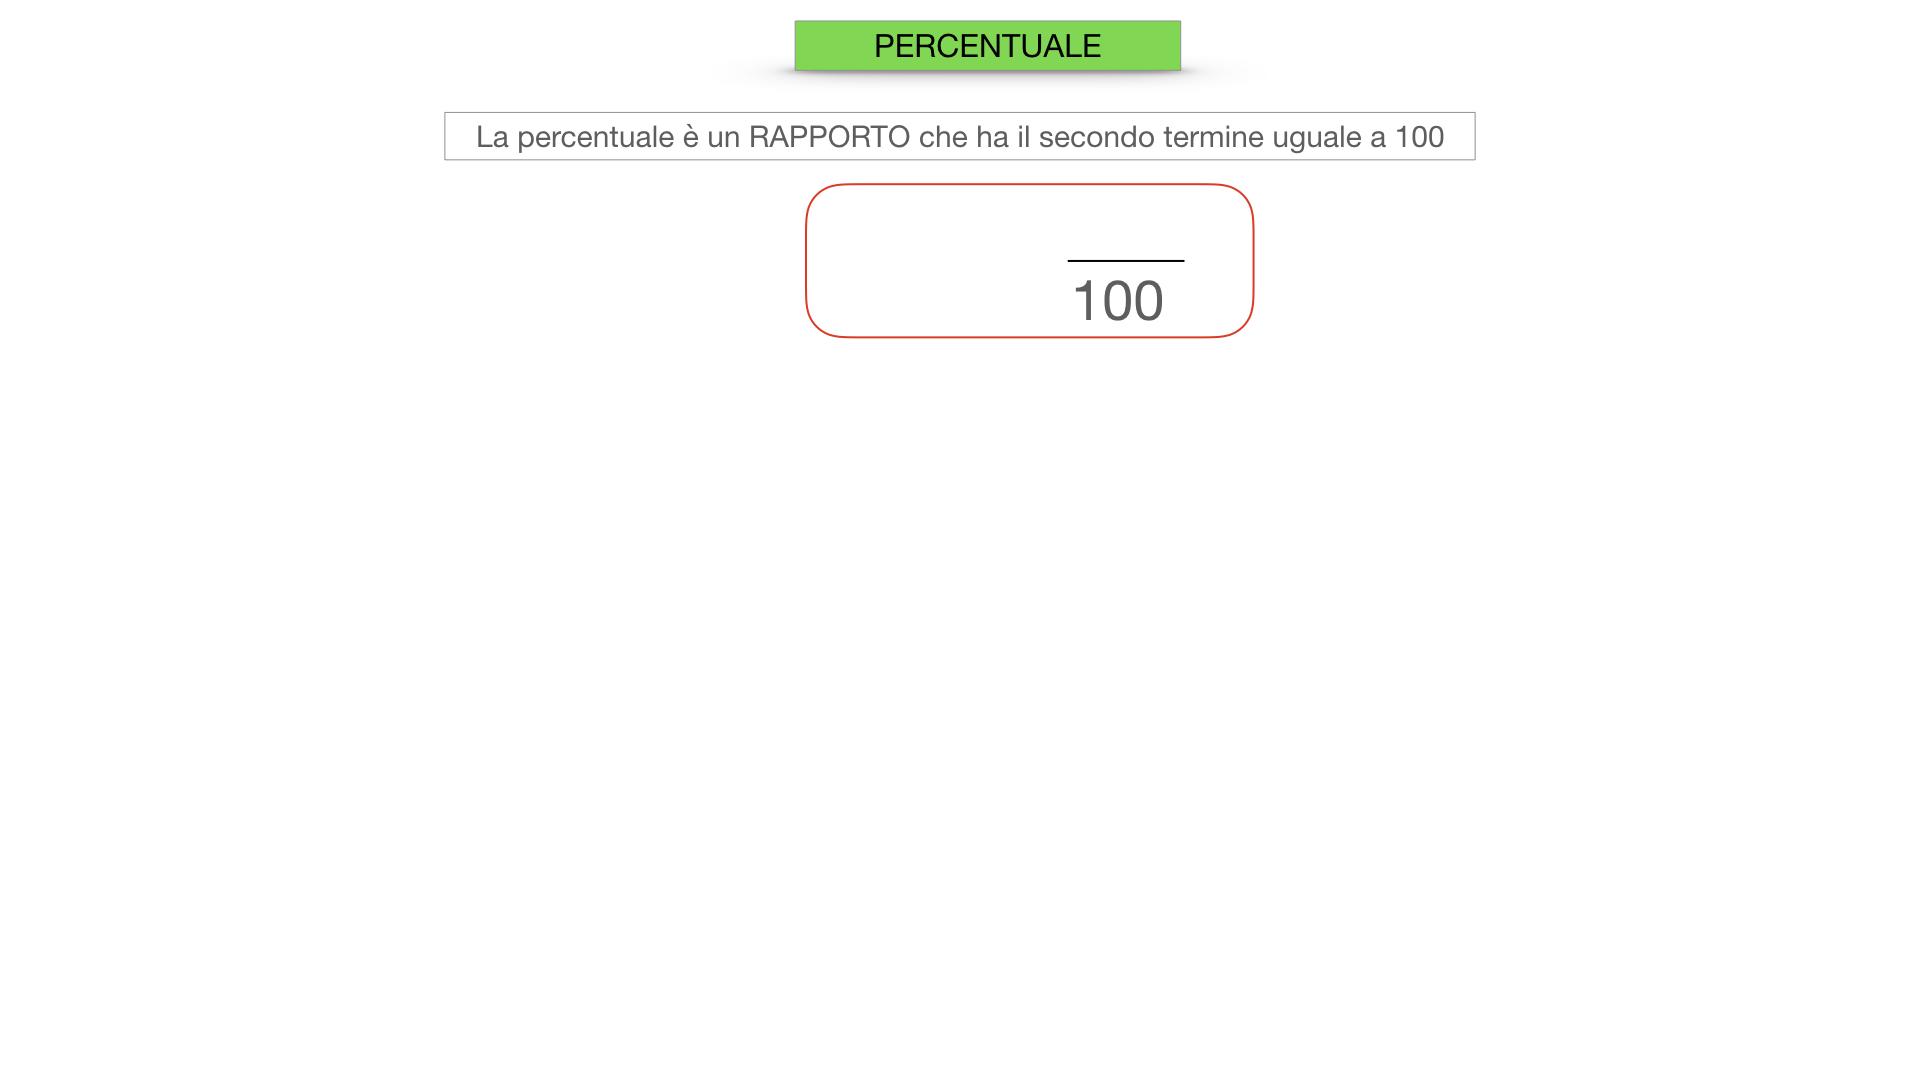 PERCENTUALE_SIMULAZIONE.003